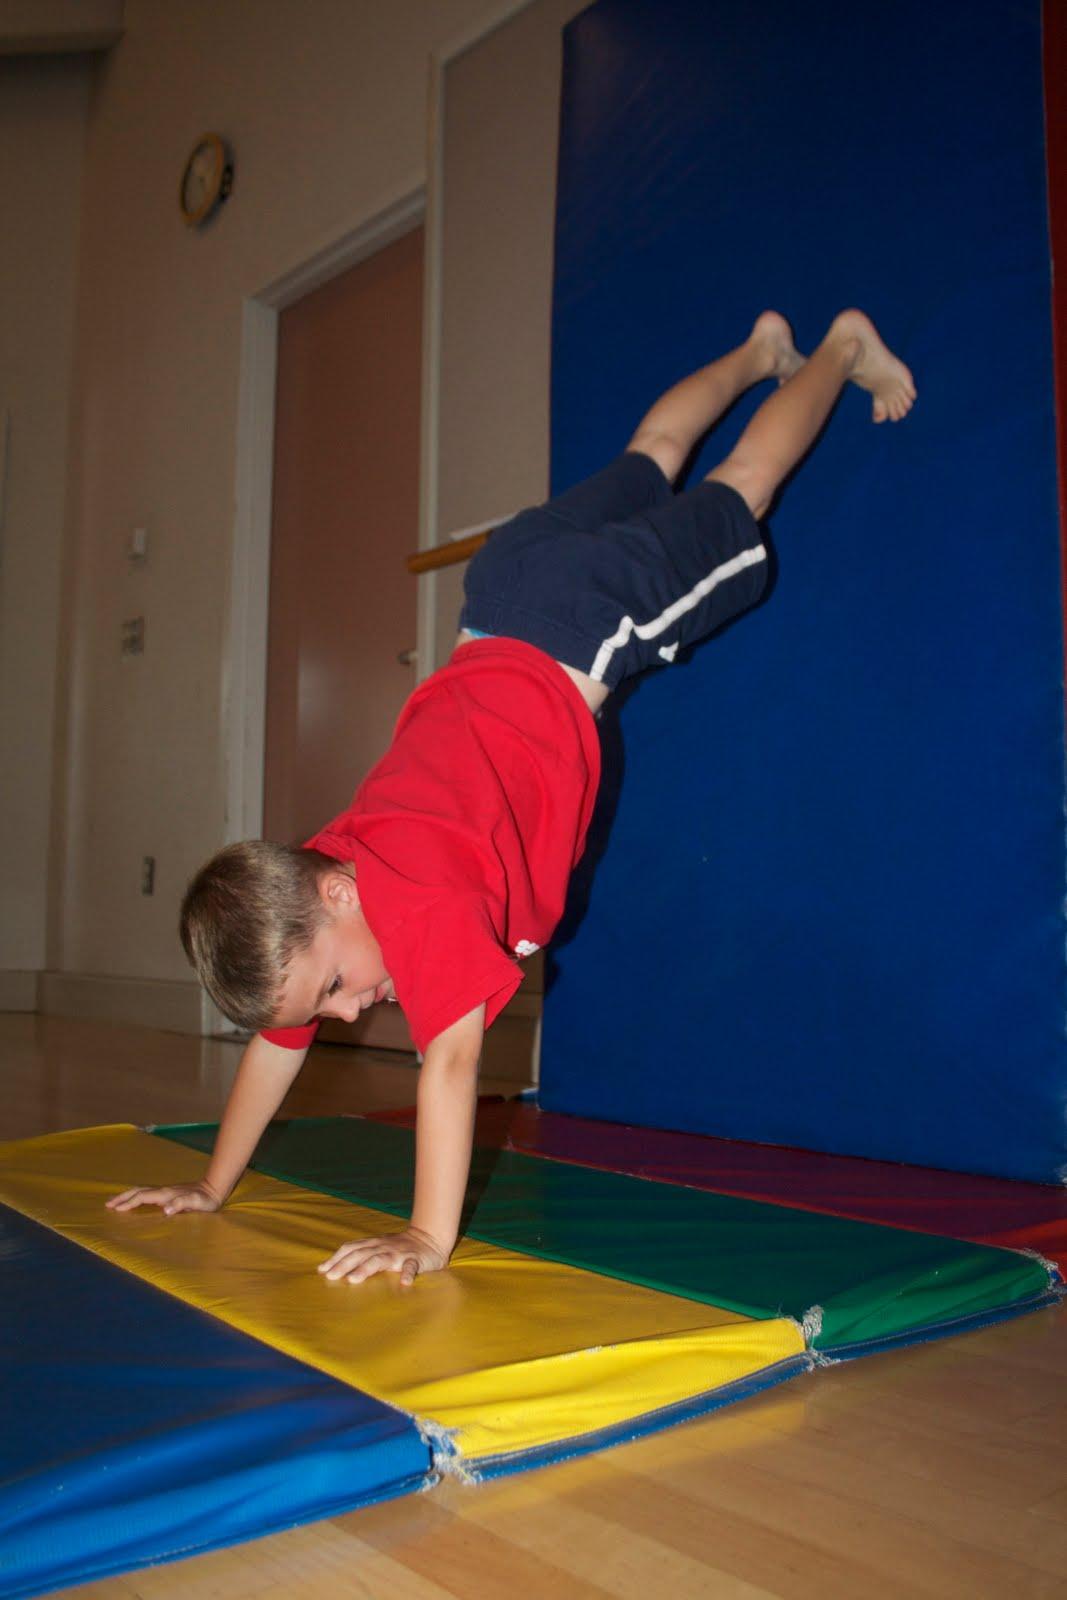 kasey october nude gymnastics